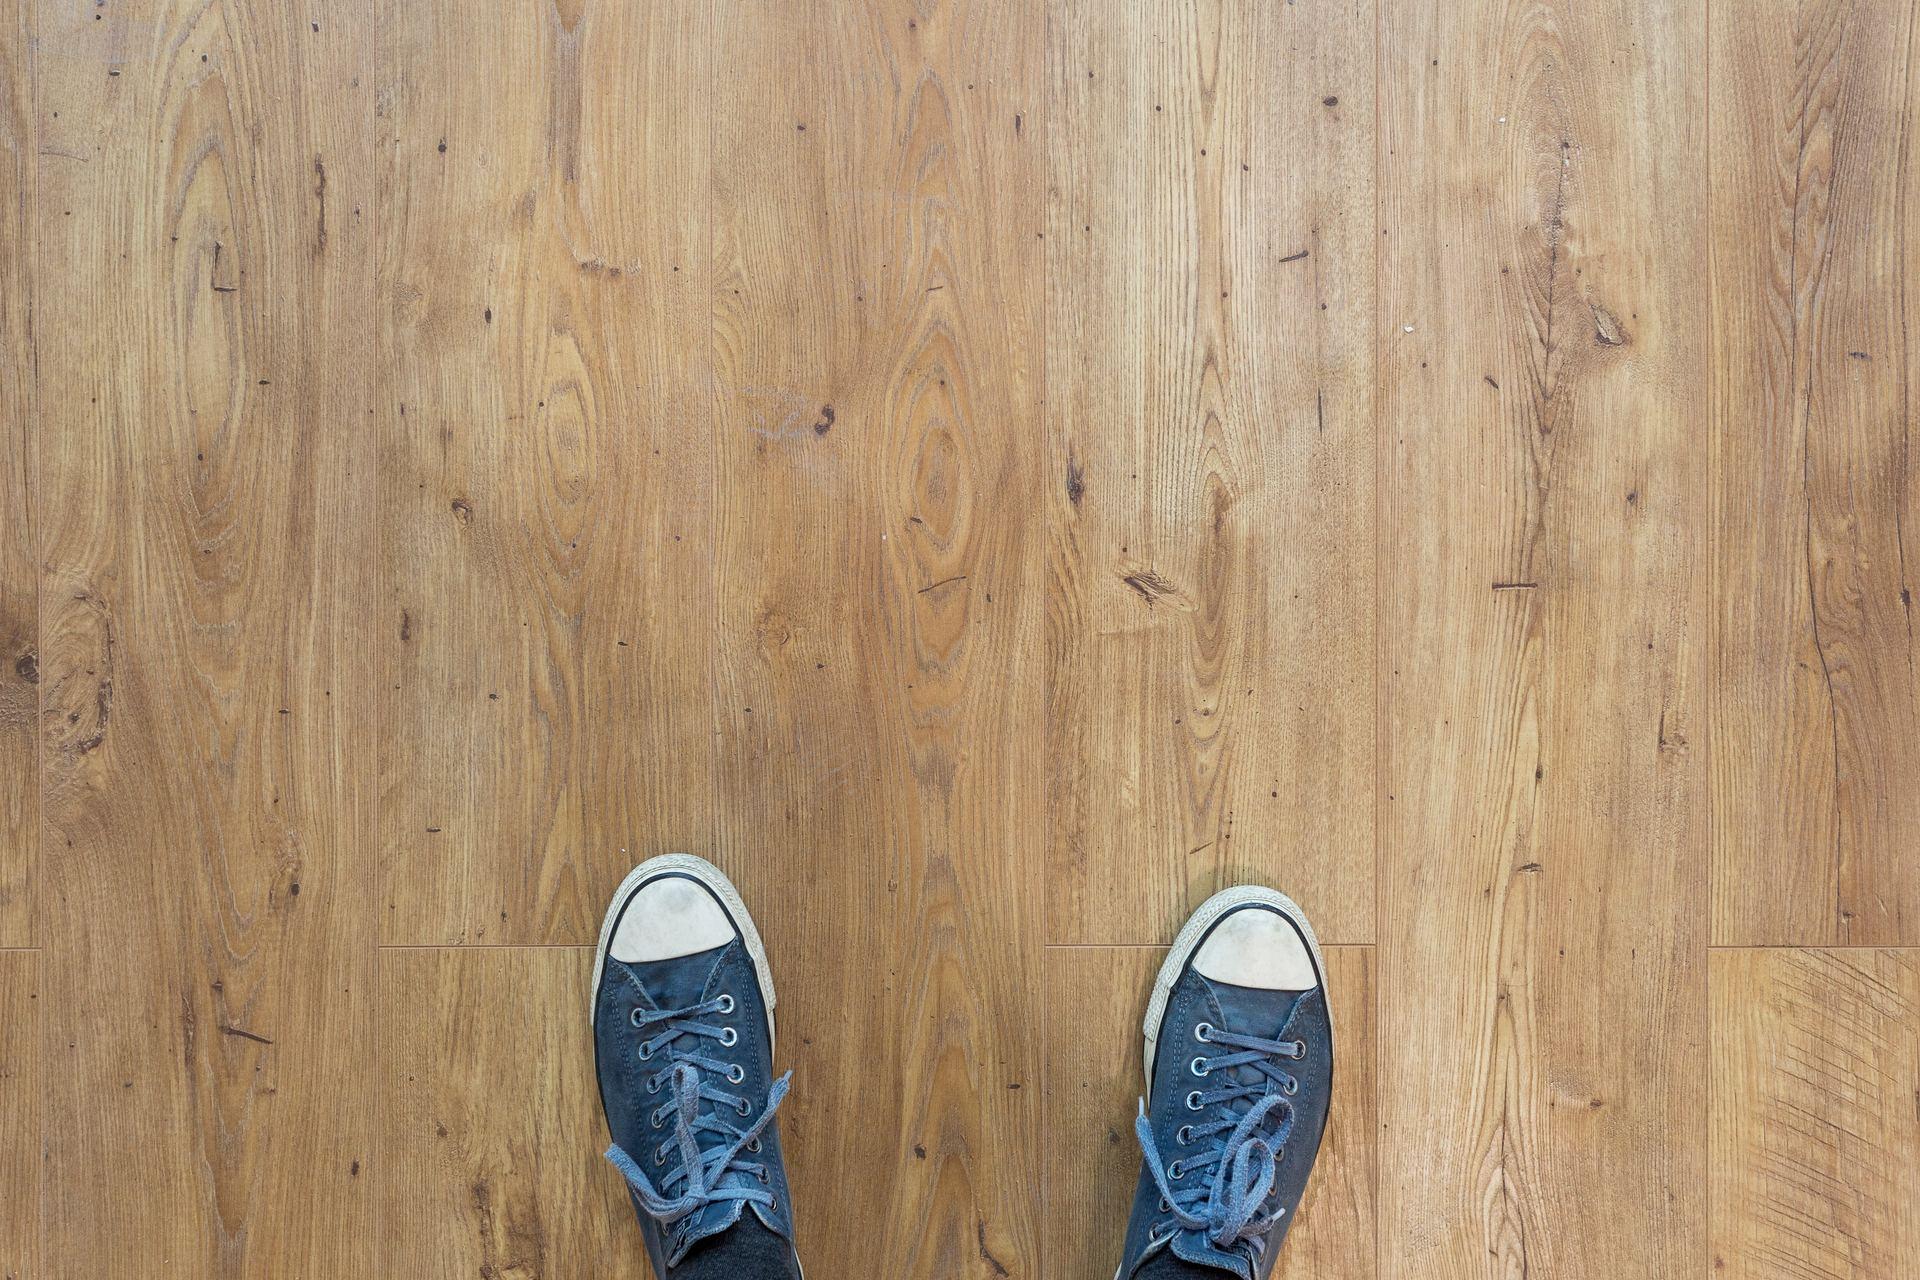 Gulvafhøvling sikrer dig flotte gulve